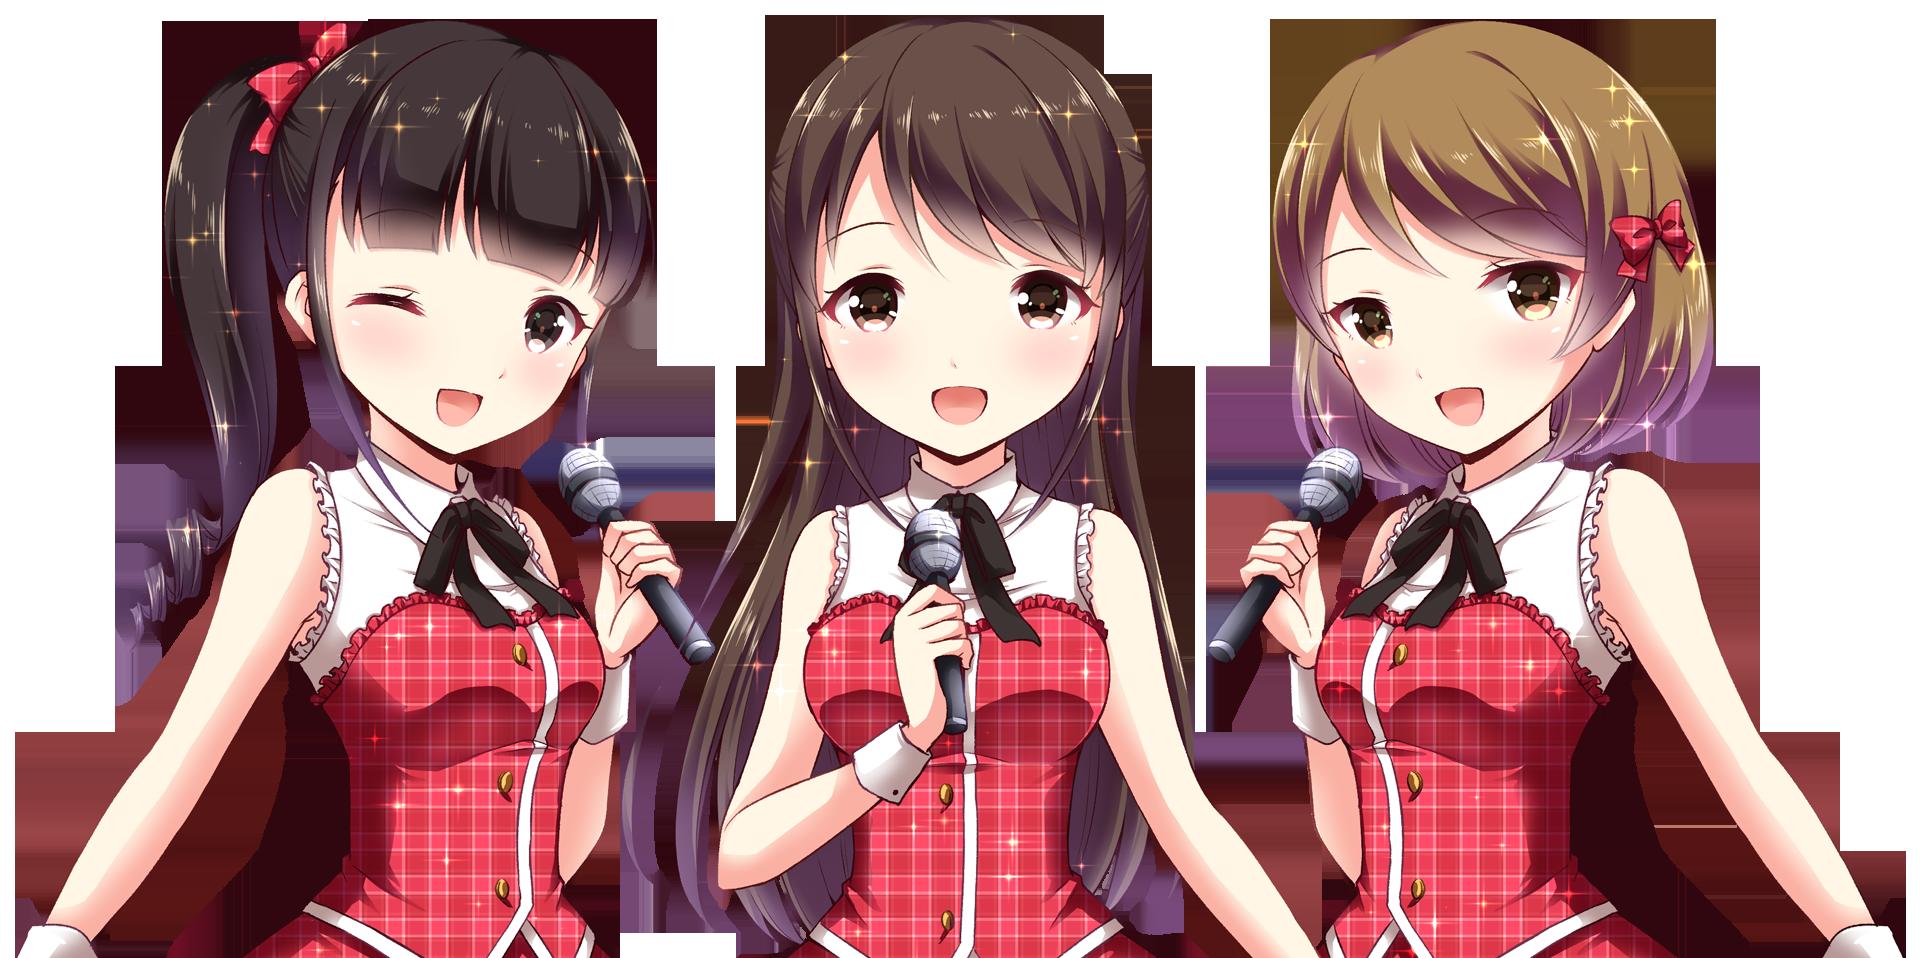 紅白歌合戦2017の欅坂46はいつ出る?順番や時間と曲名や衣装も調査!